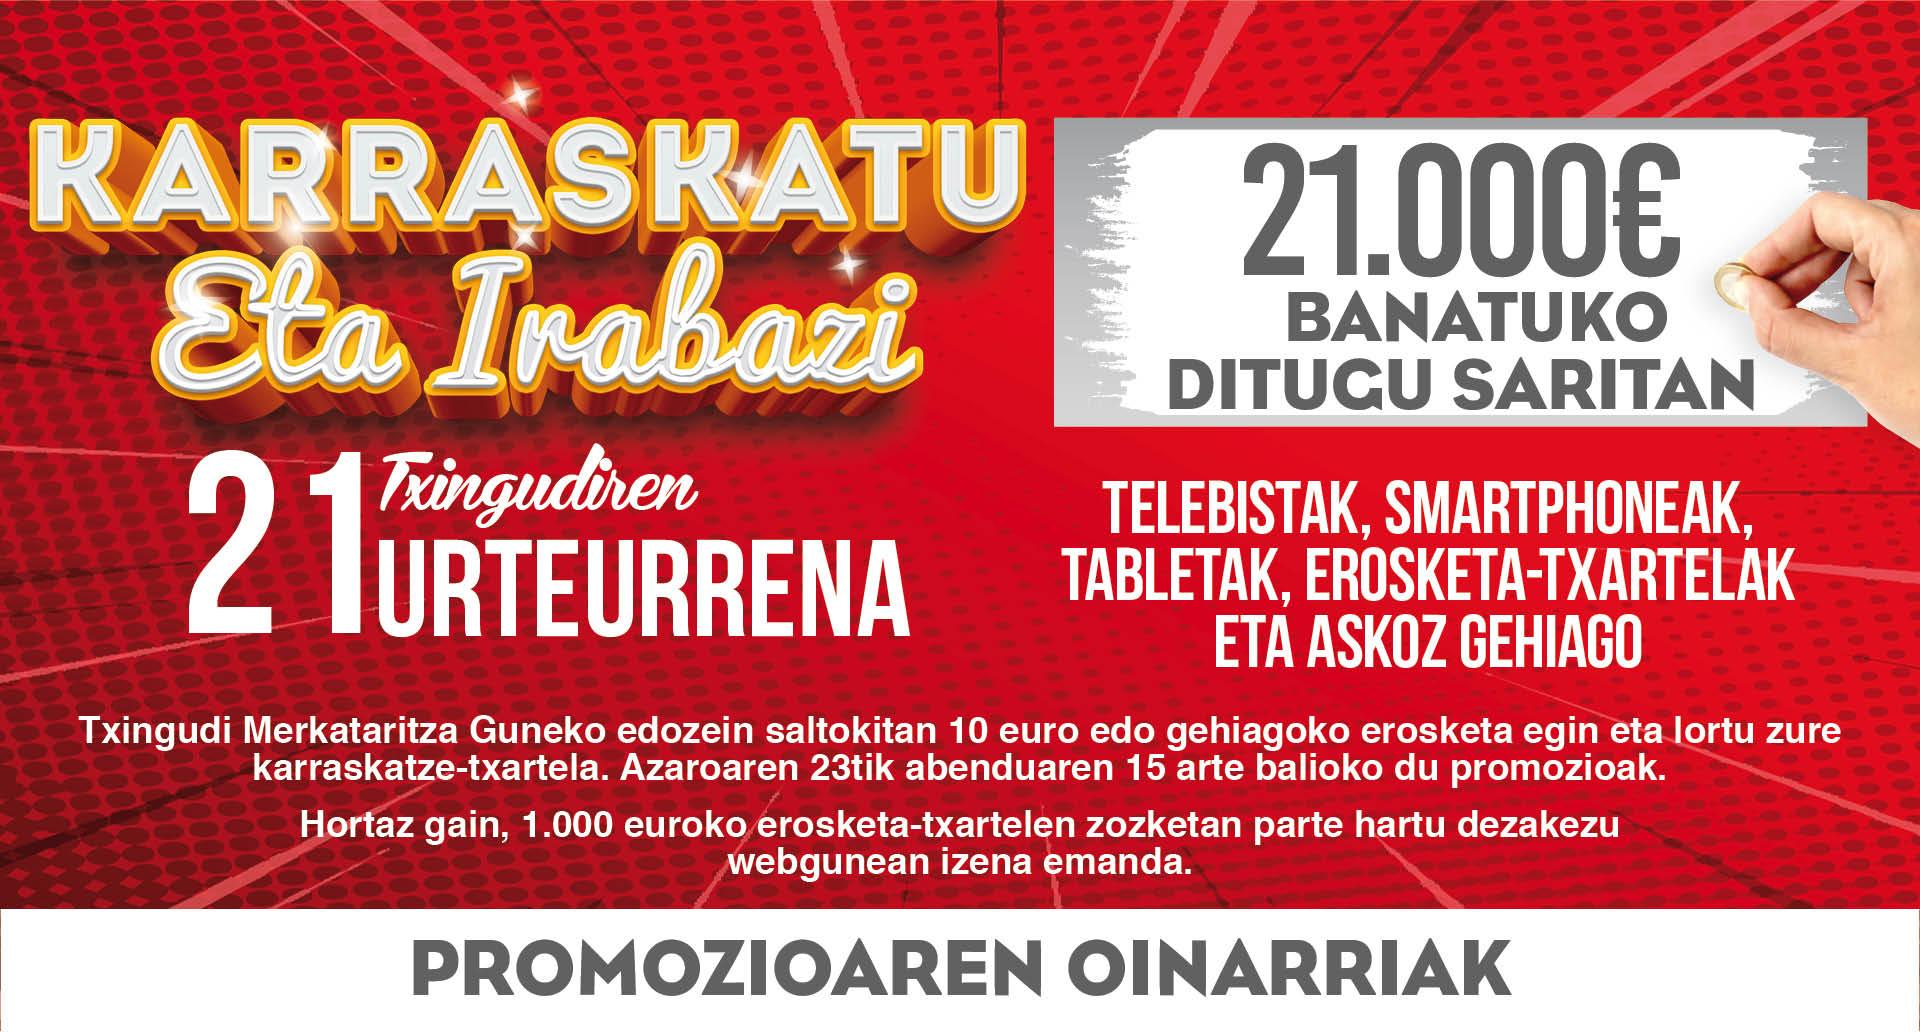 Karraskatu eta irabazi 21Txingudiren Urteurrena